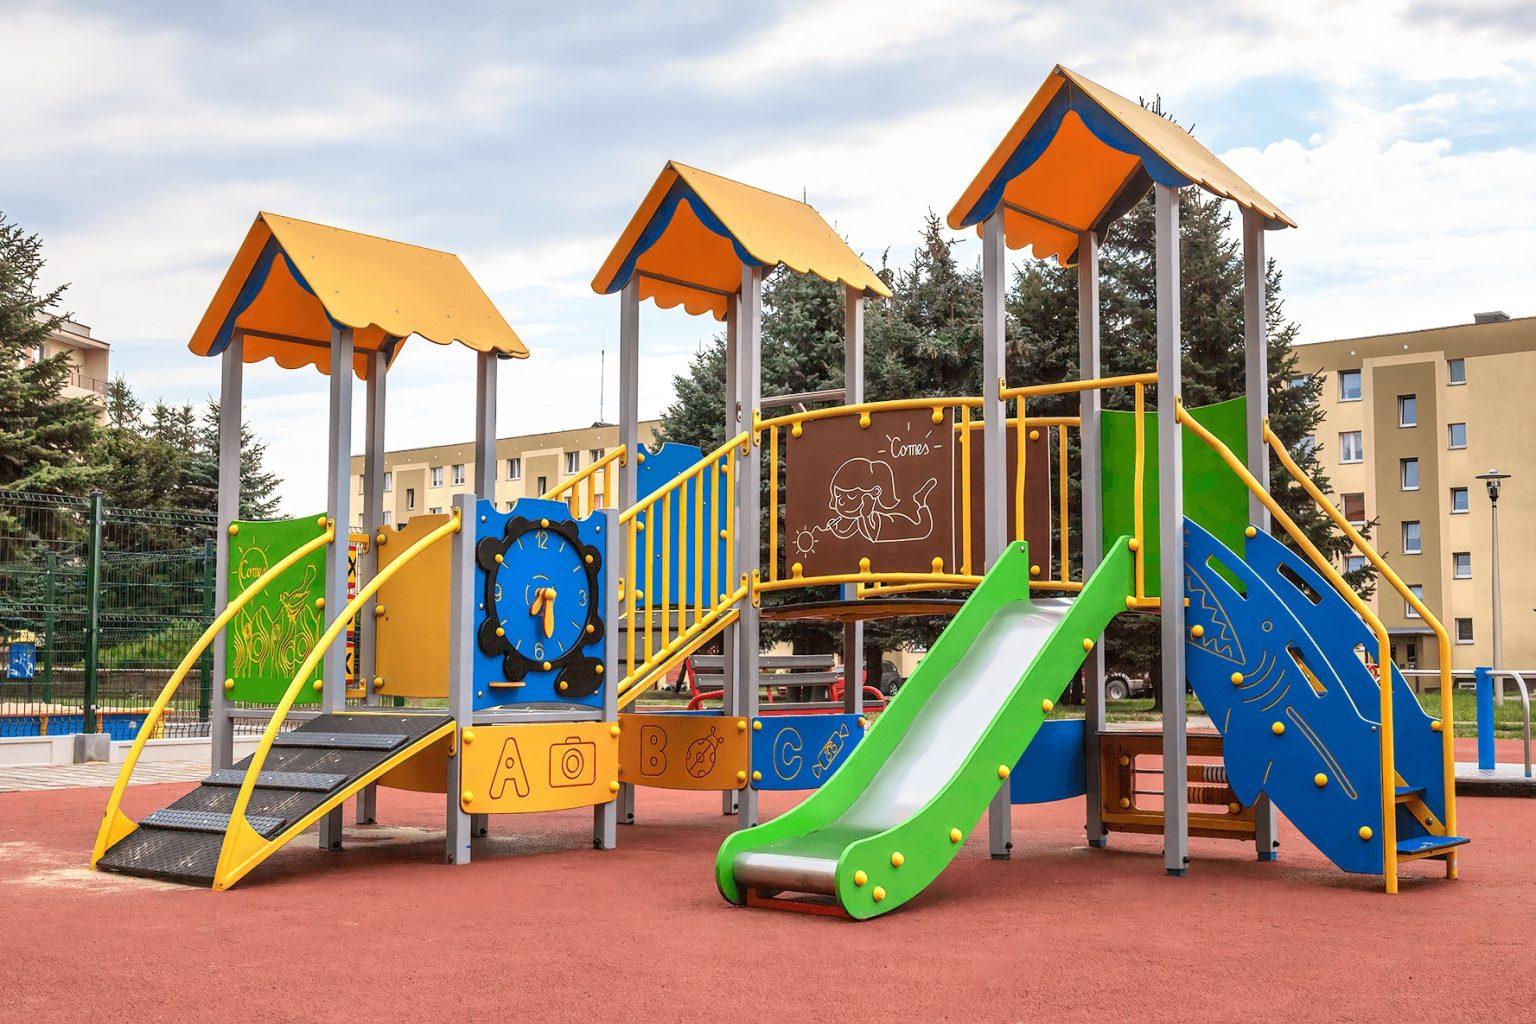 Plac zabaw w Starachowicach.